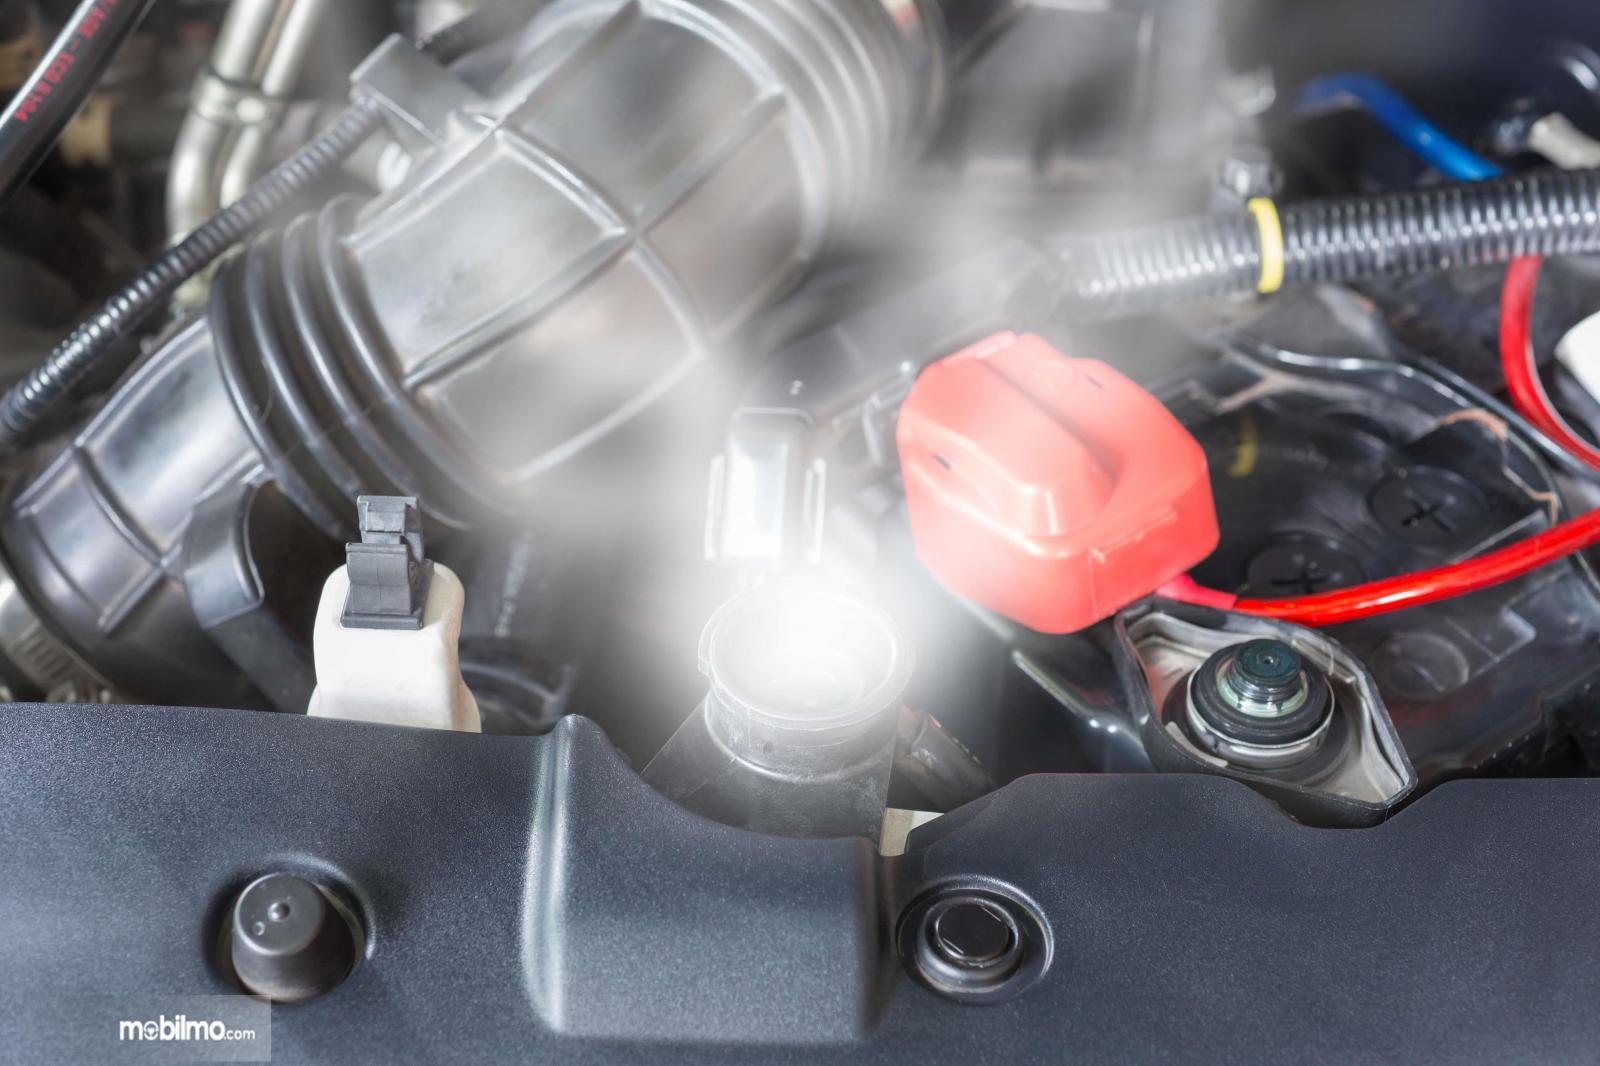 Foto menunjukkan mobil dalam kondisi overheat